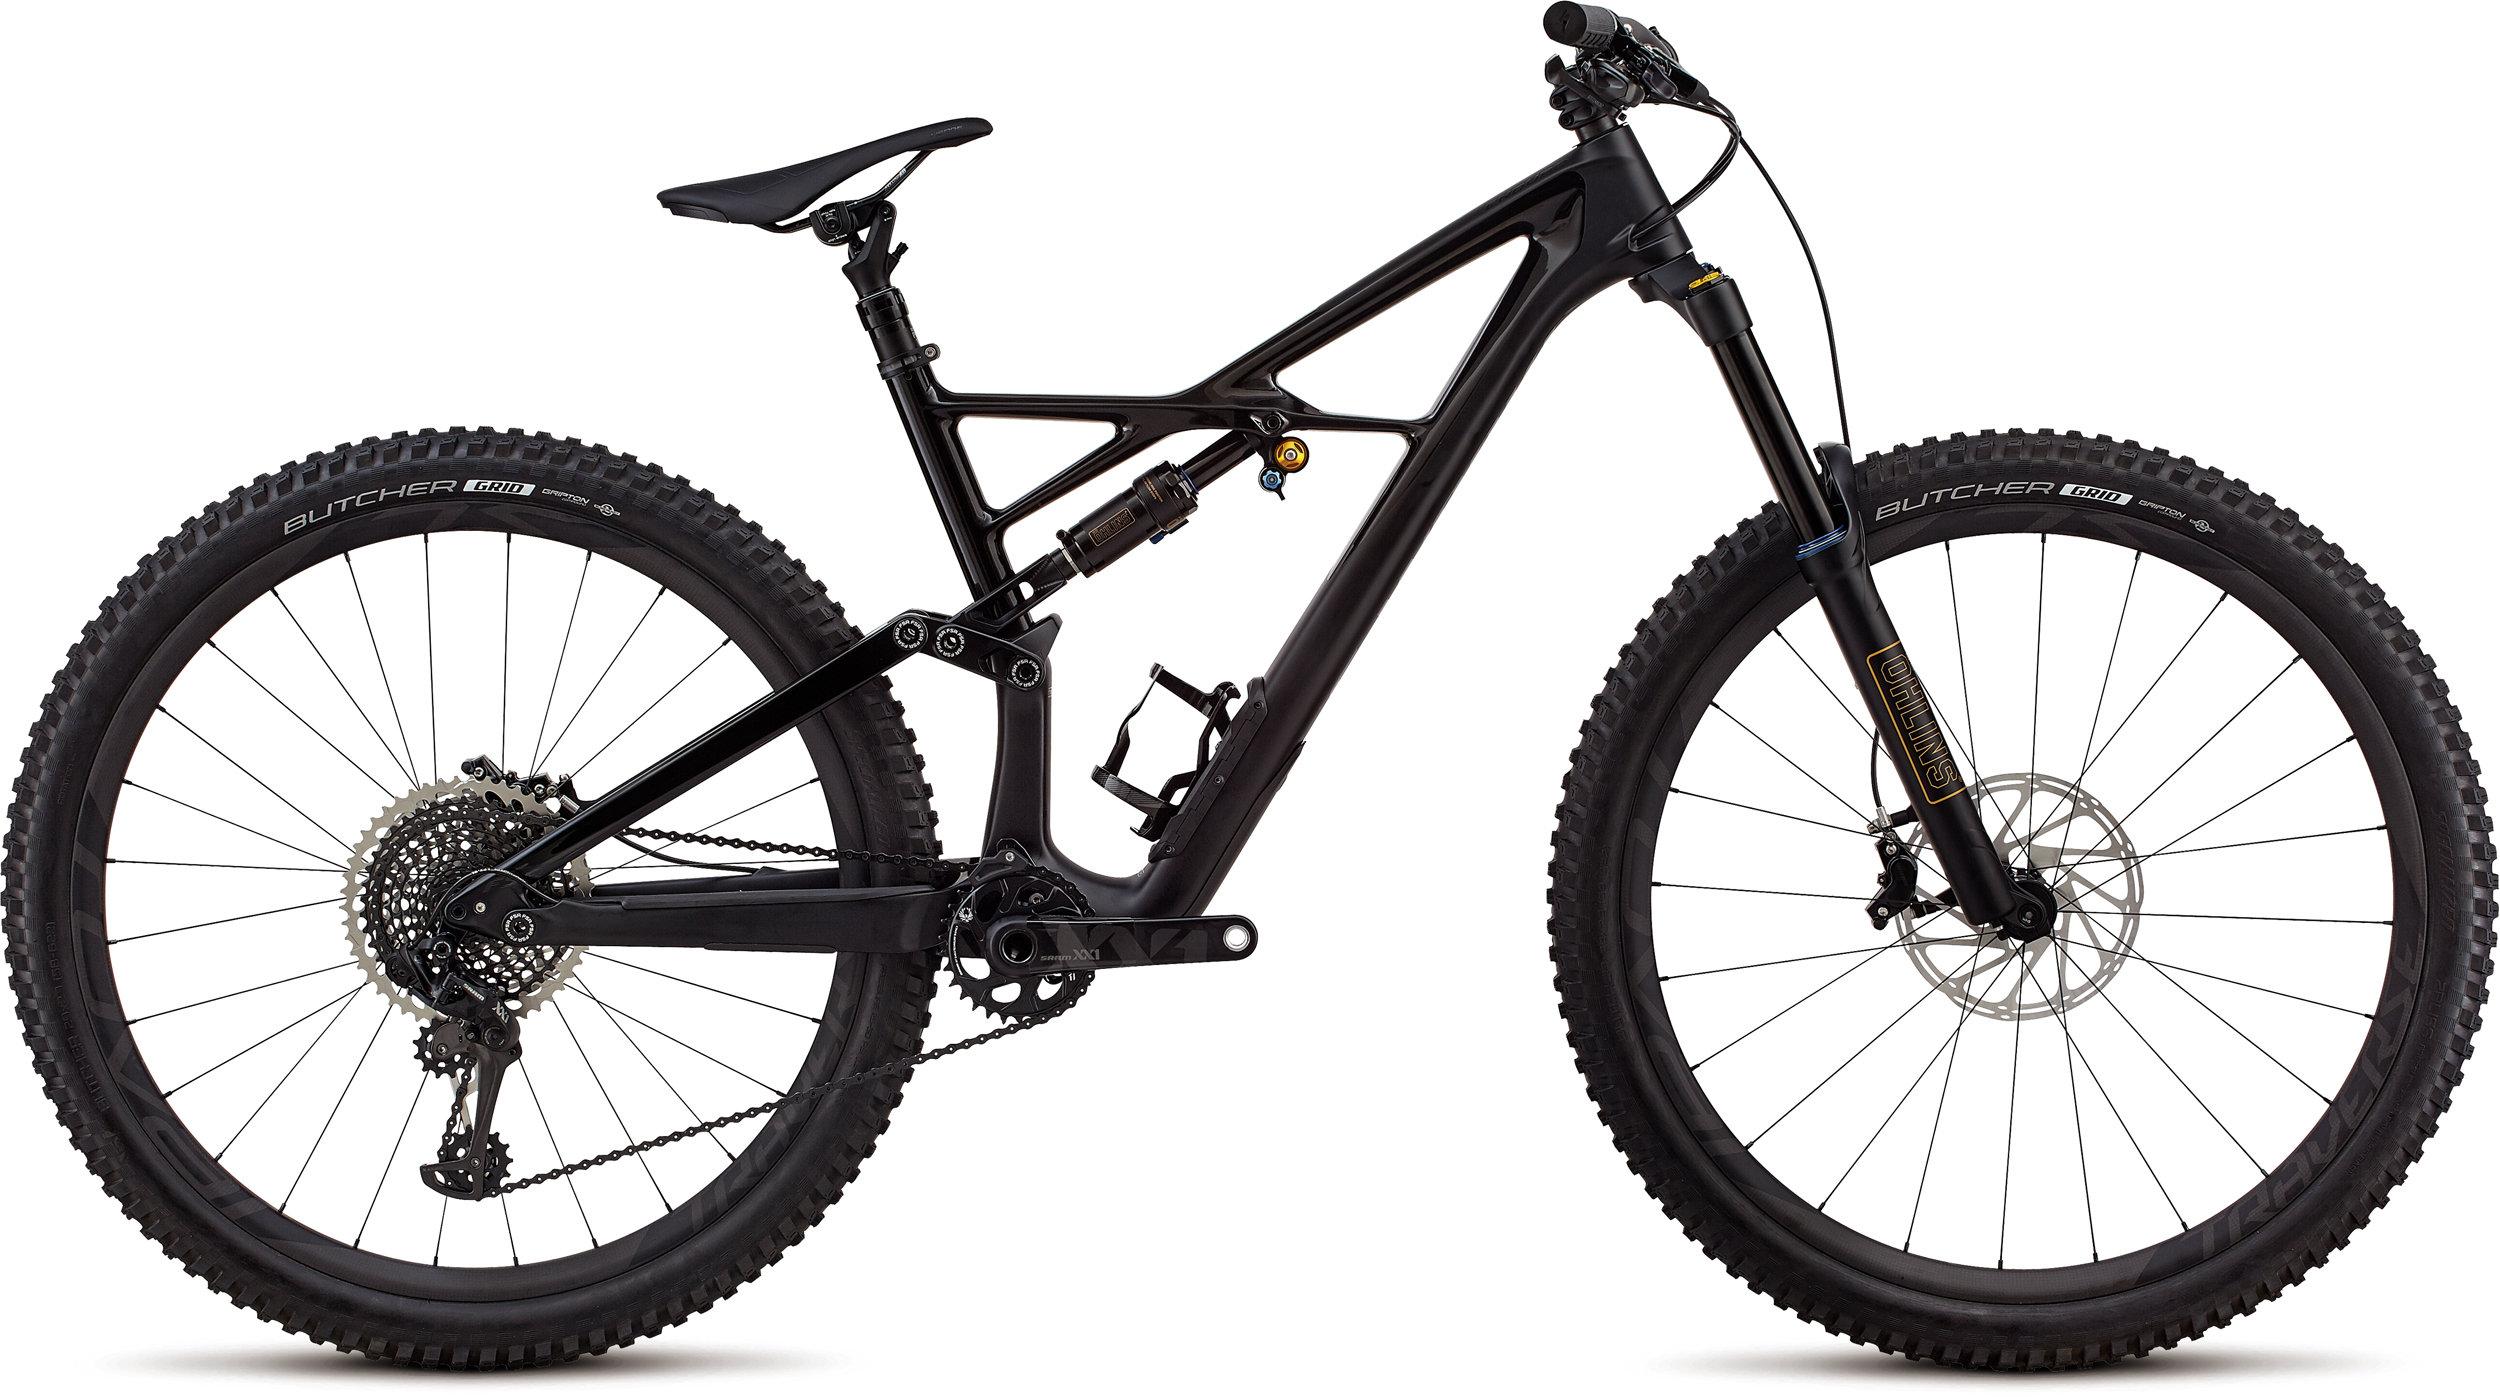 Specialized S-Works Enduro 29/6Fattie GLOSS SATIN BLACK / BLACK S - Bike Maniac